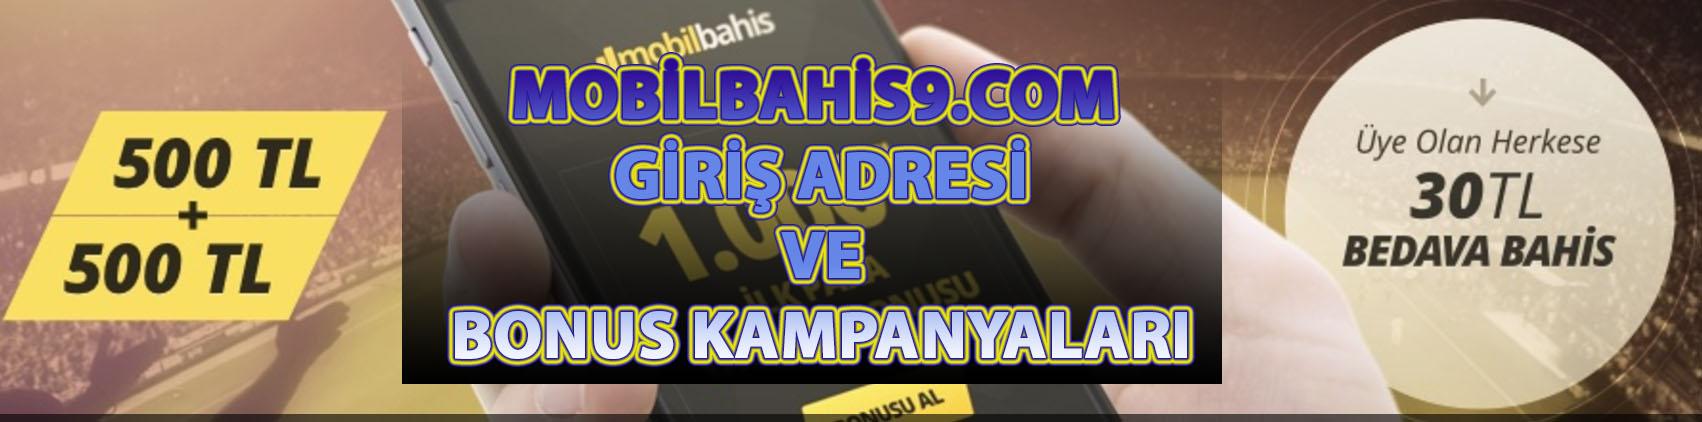 Mobilbahis9.com Giriş Adresi ve Bonus Kampanyaları